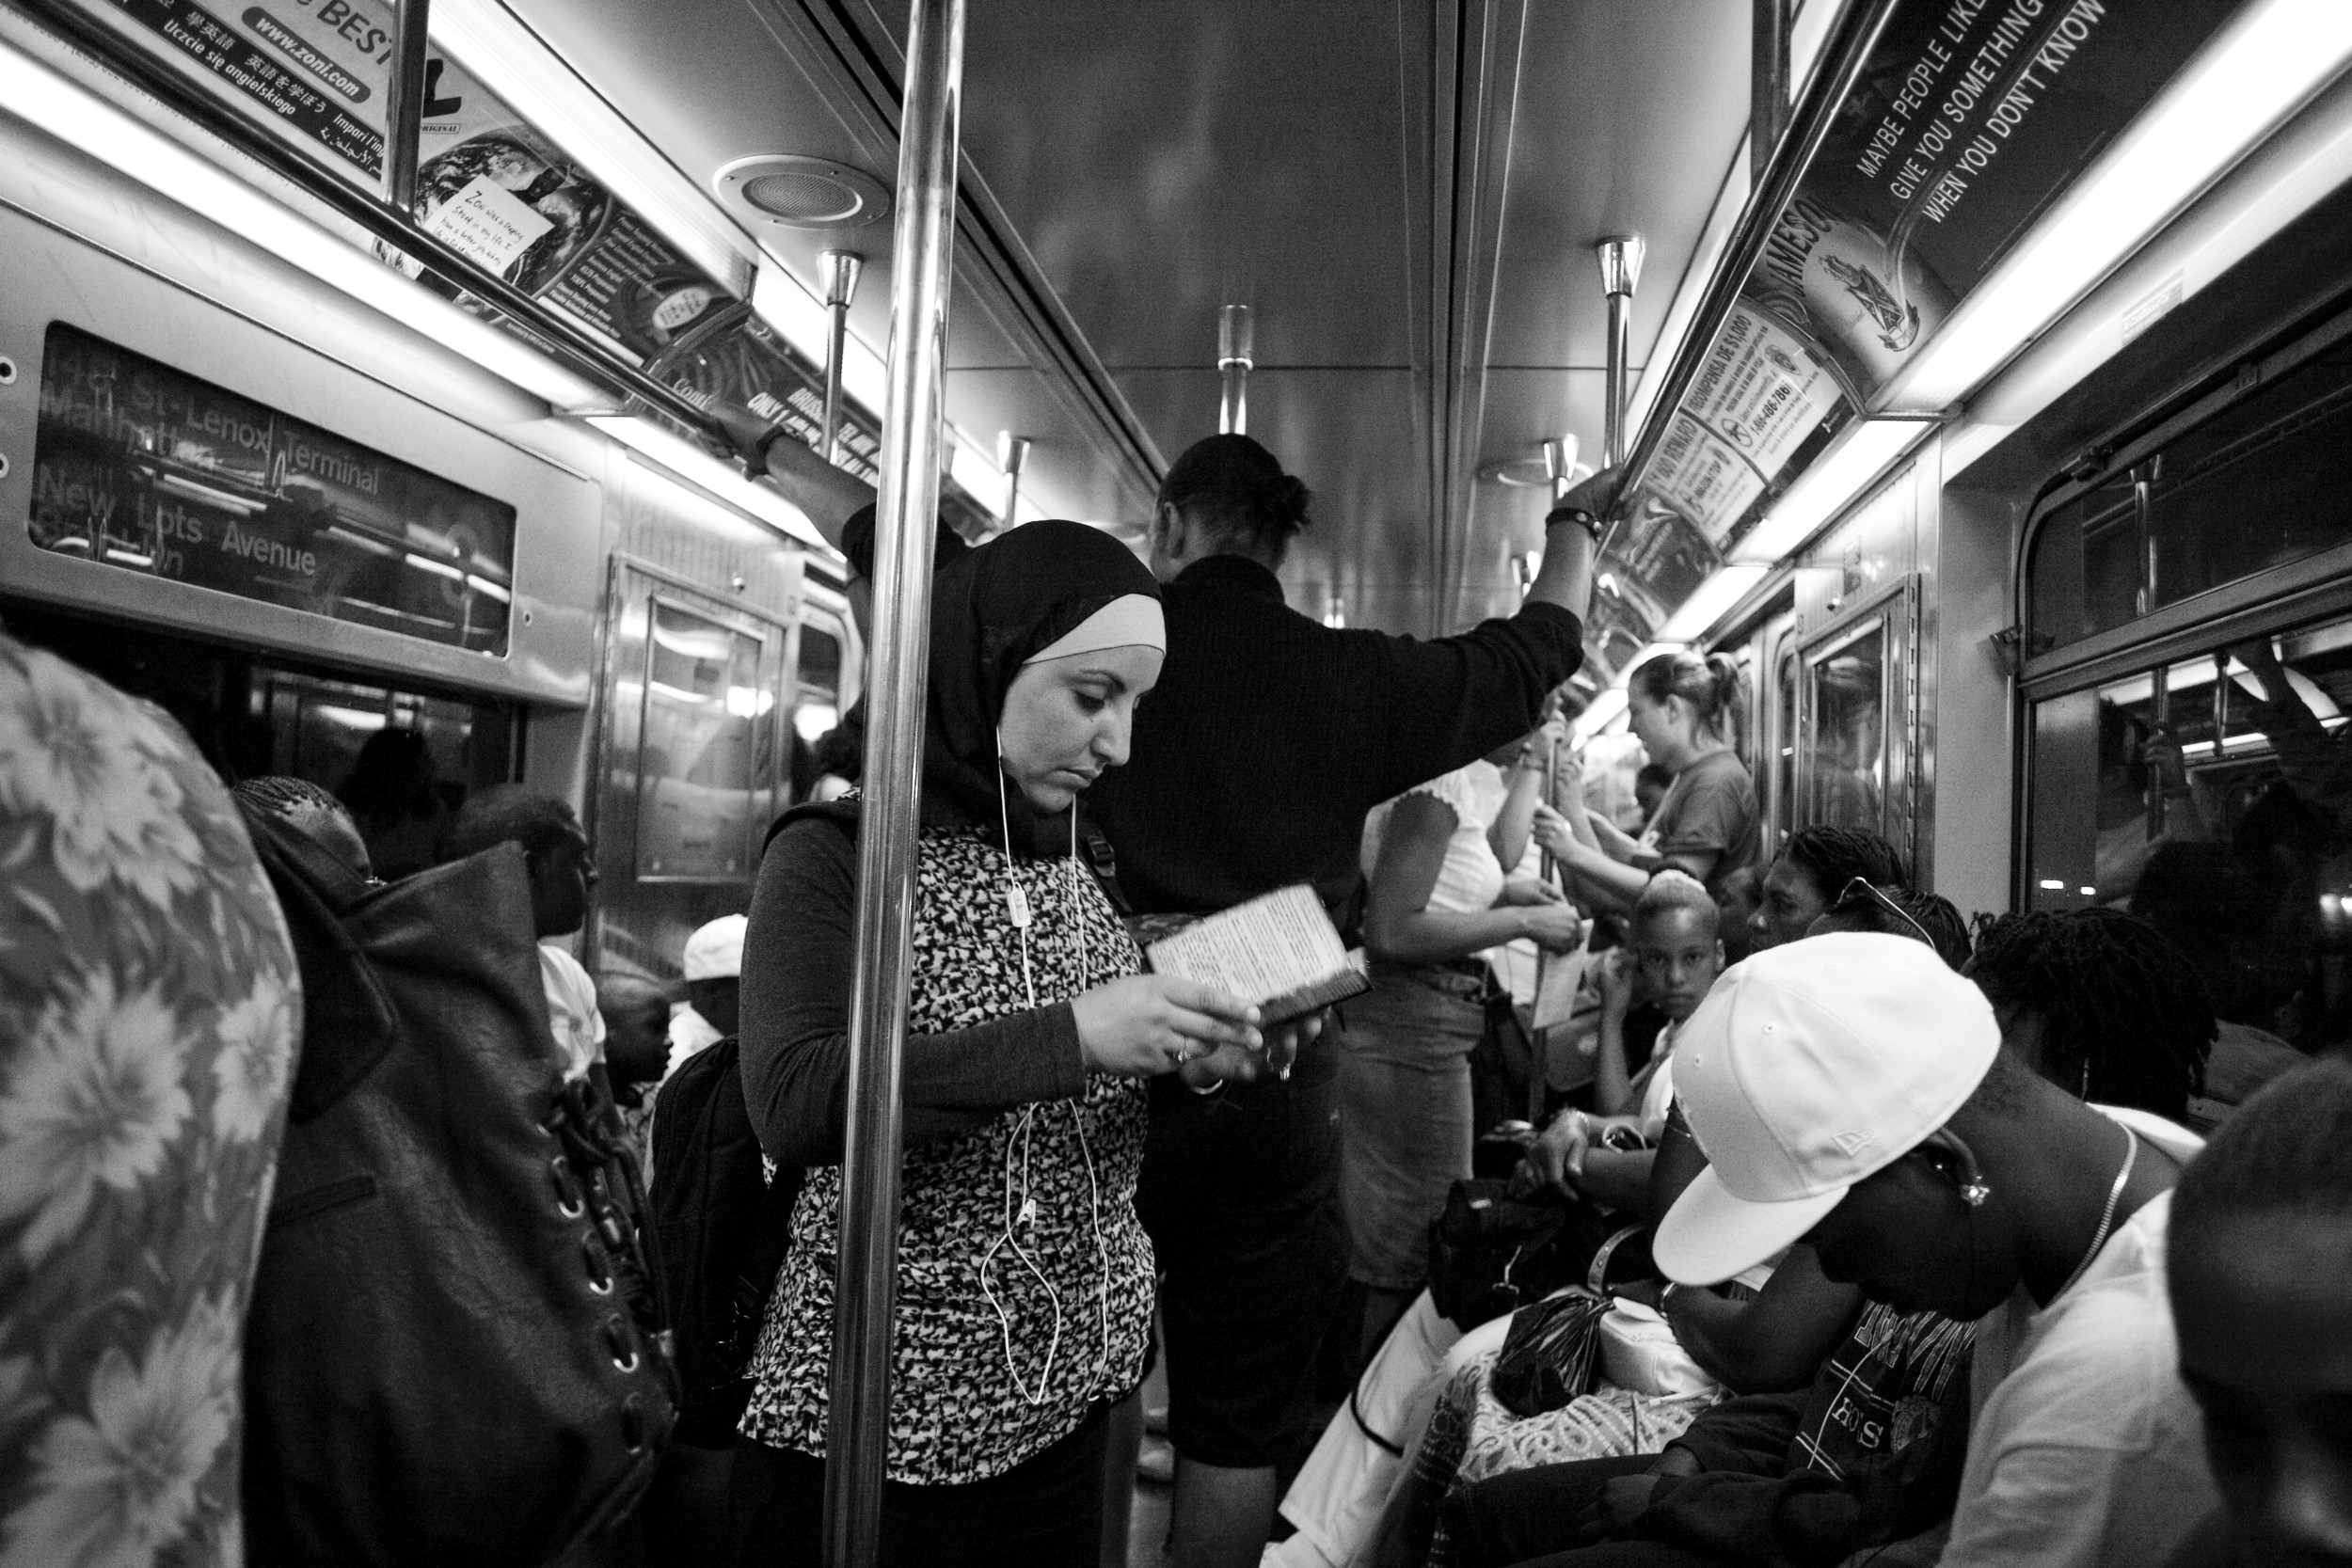 Subway-1766.JPG